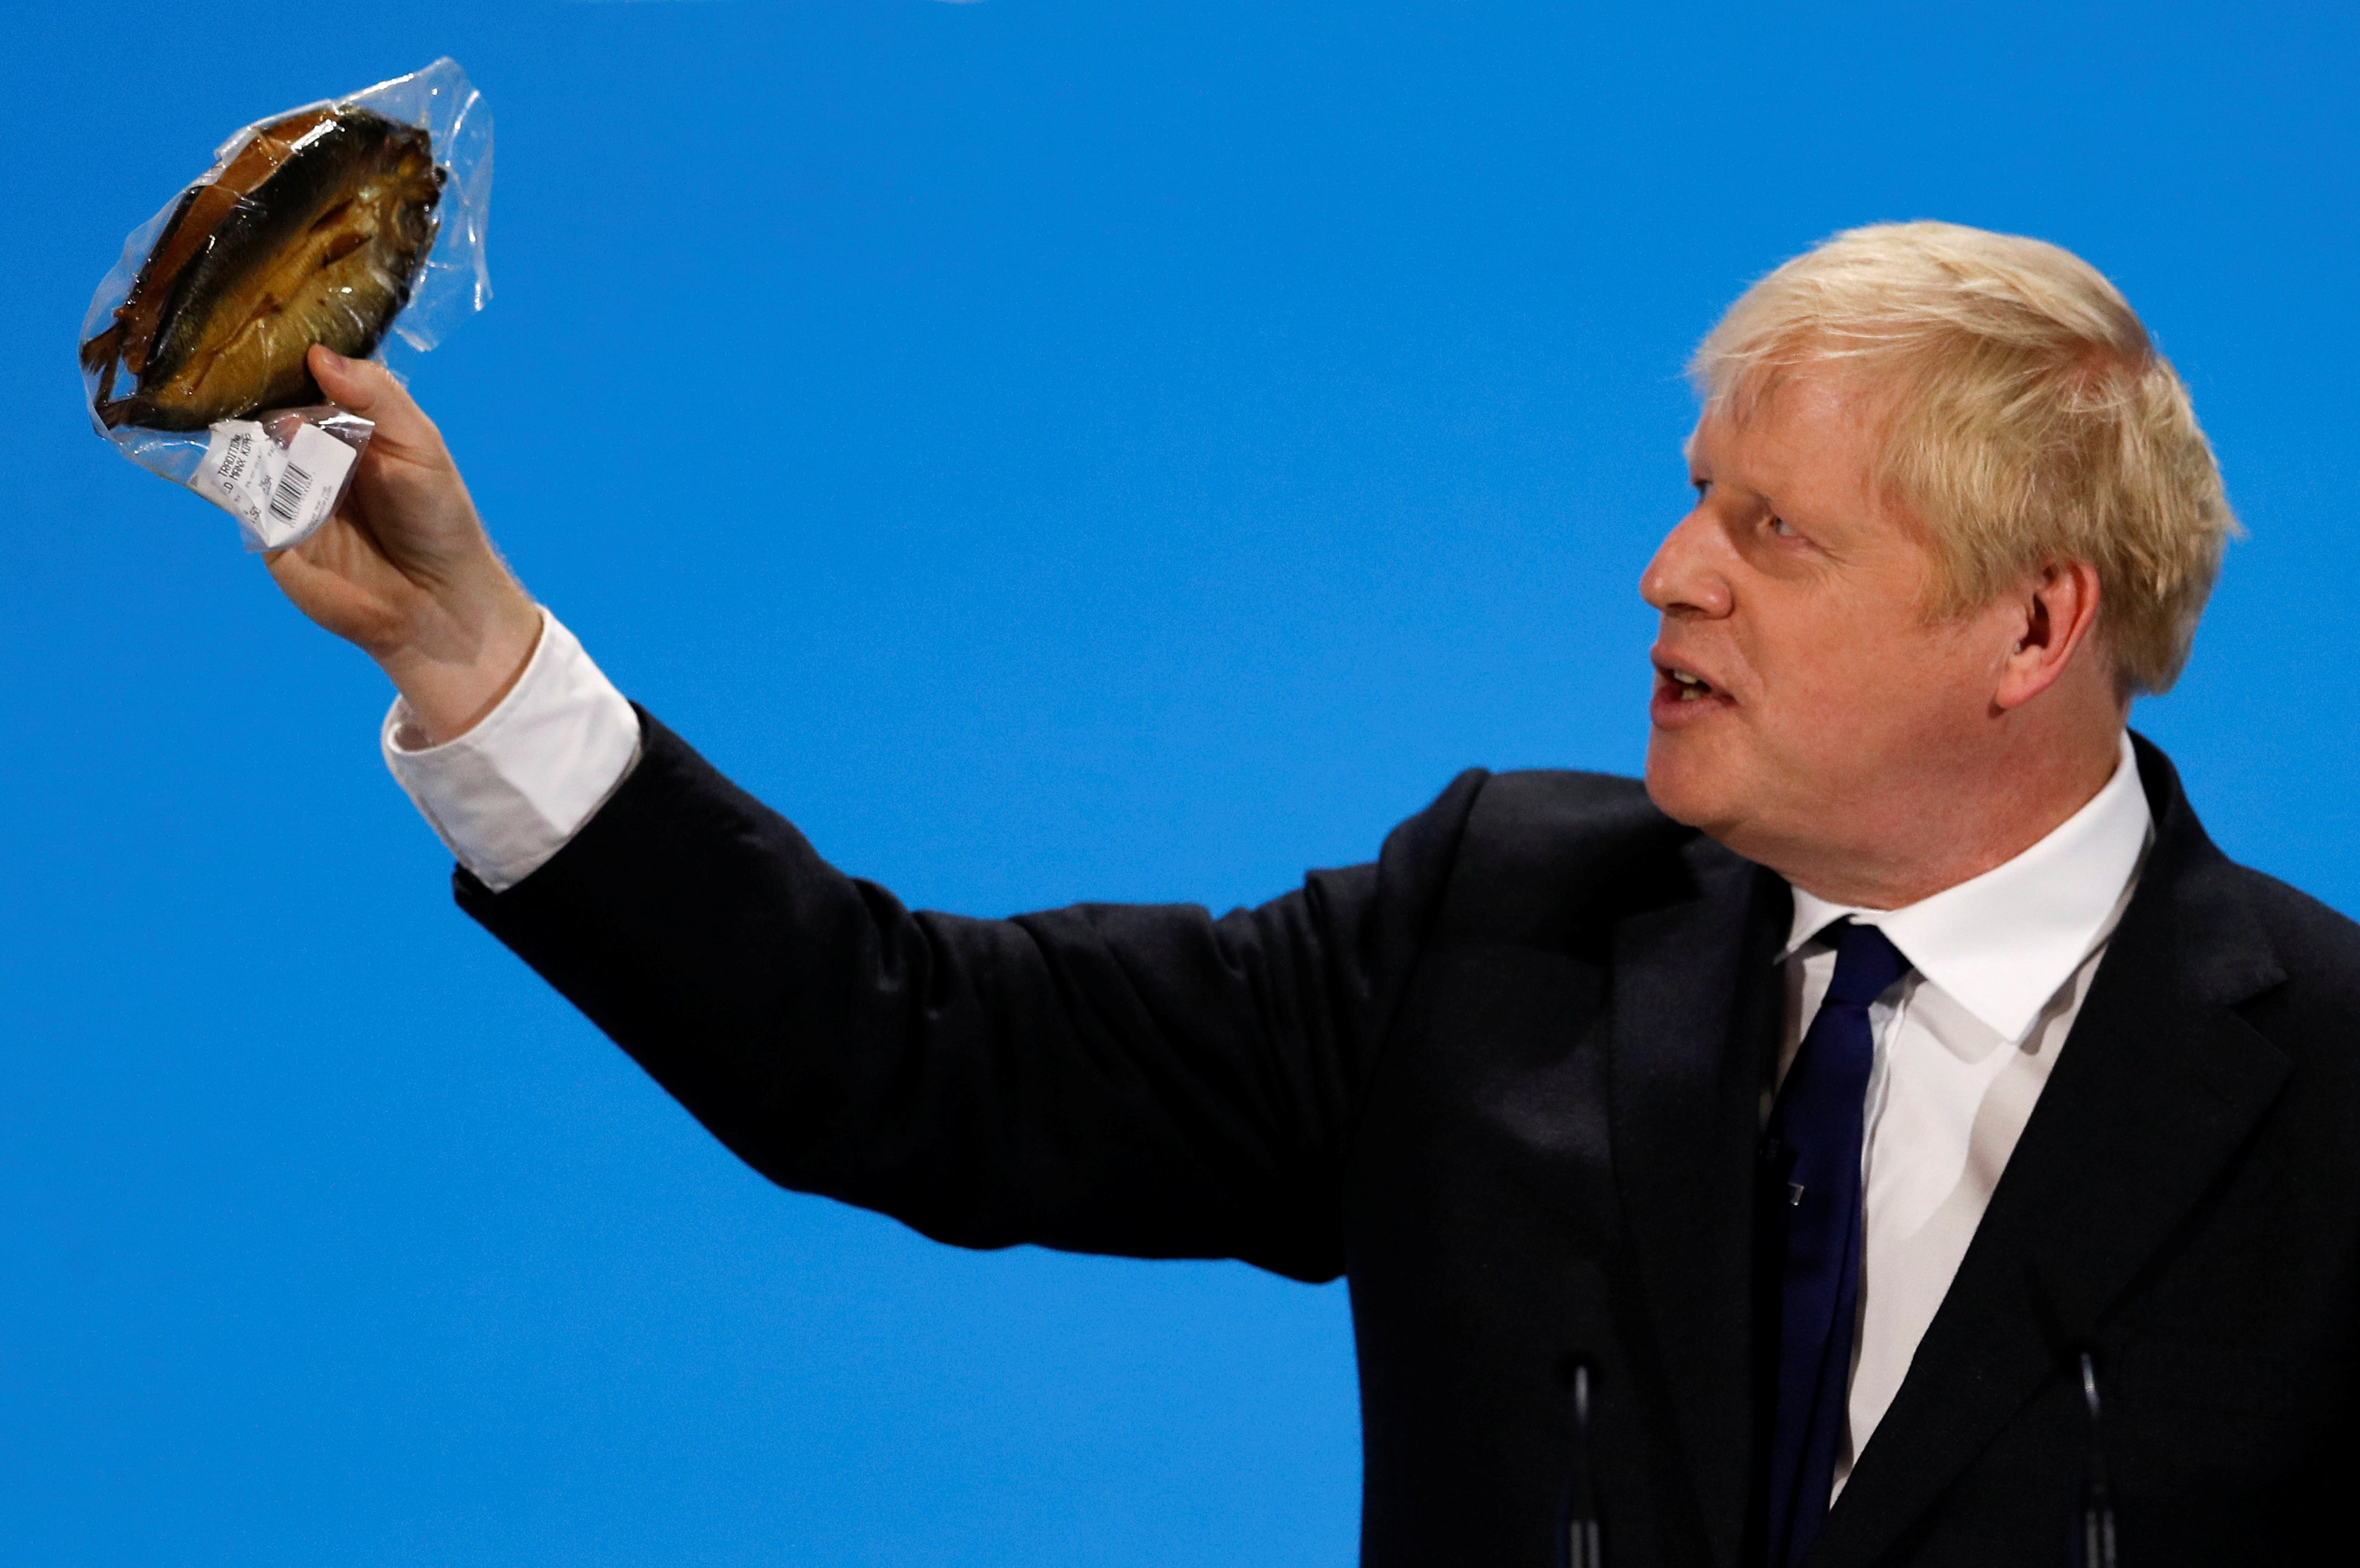 Καβγάς ΕΕ – Μπόρις Τζόνσον για τις… καπνιστές ρέγγες!